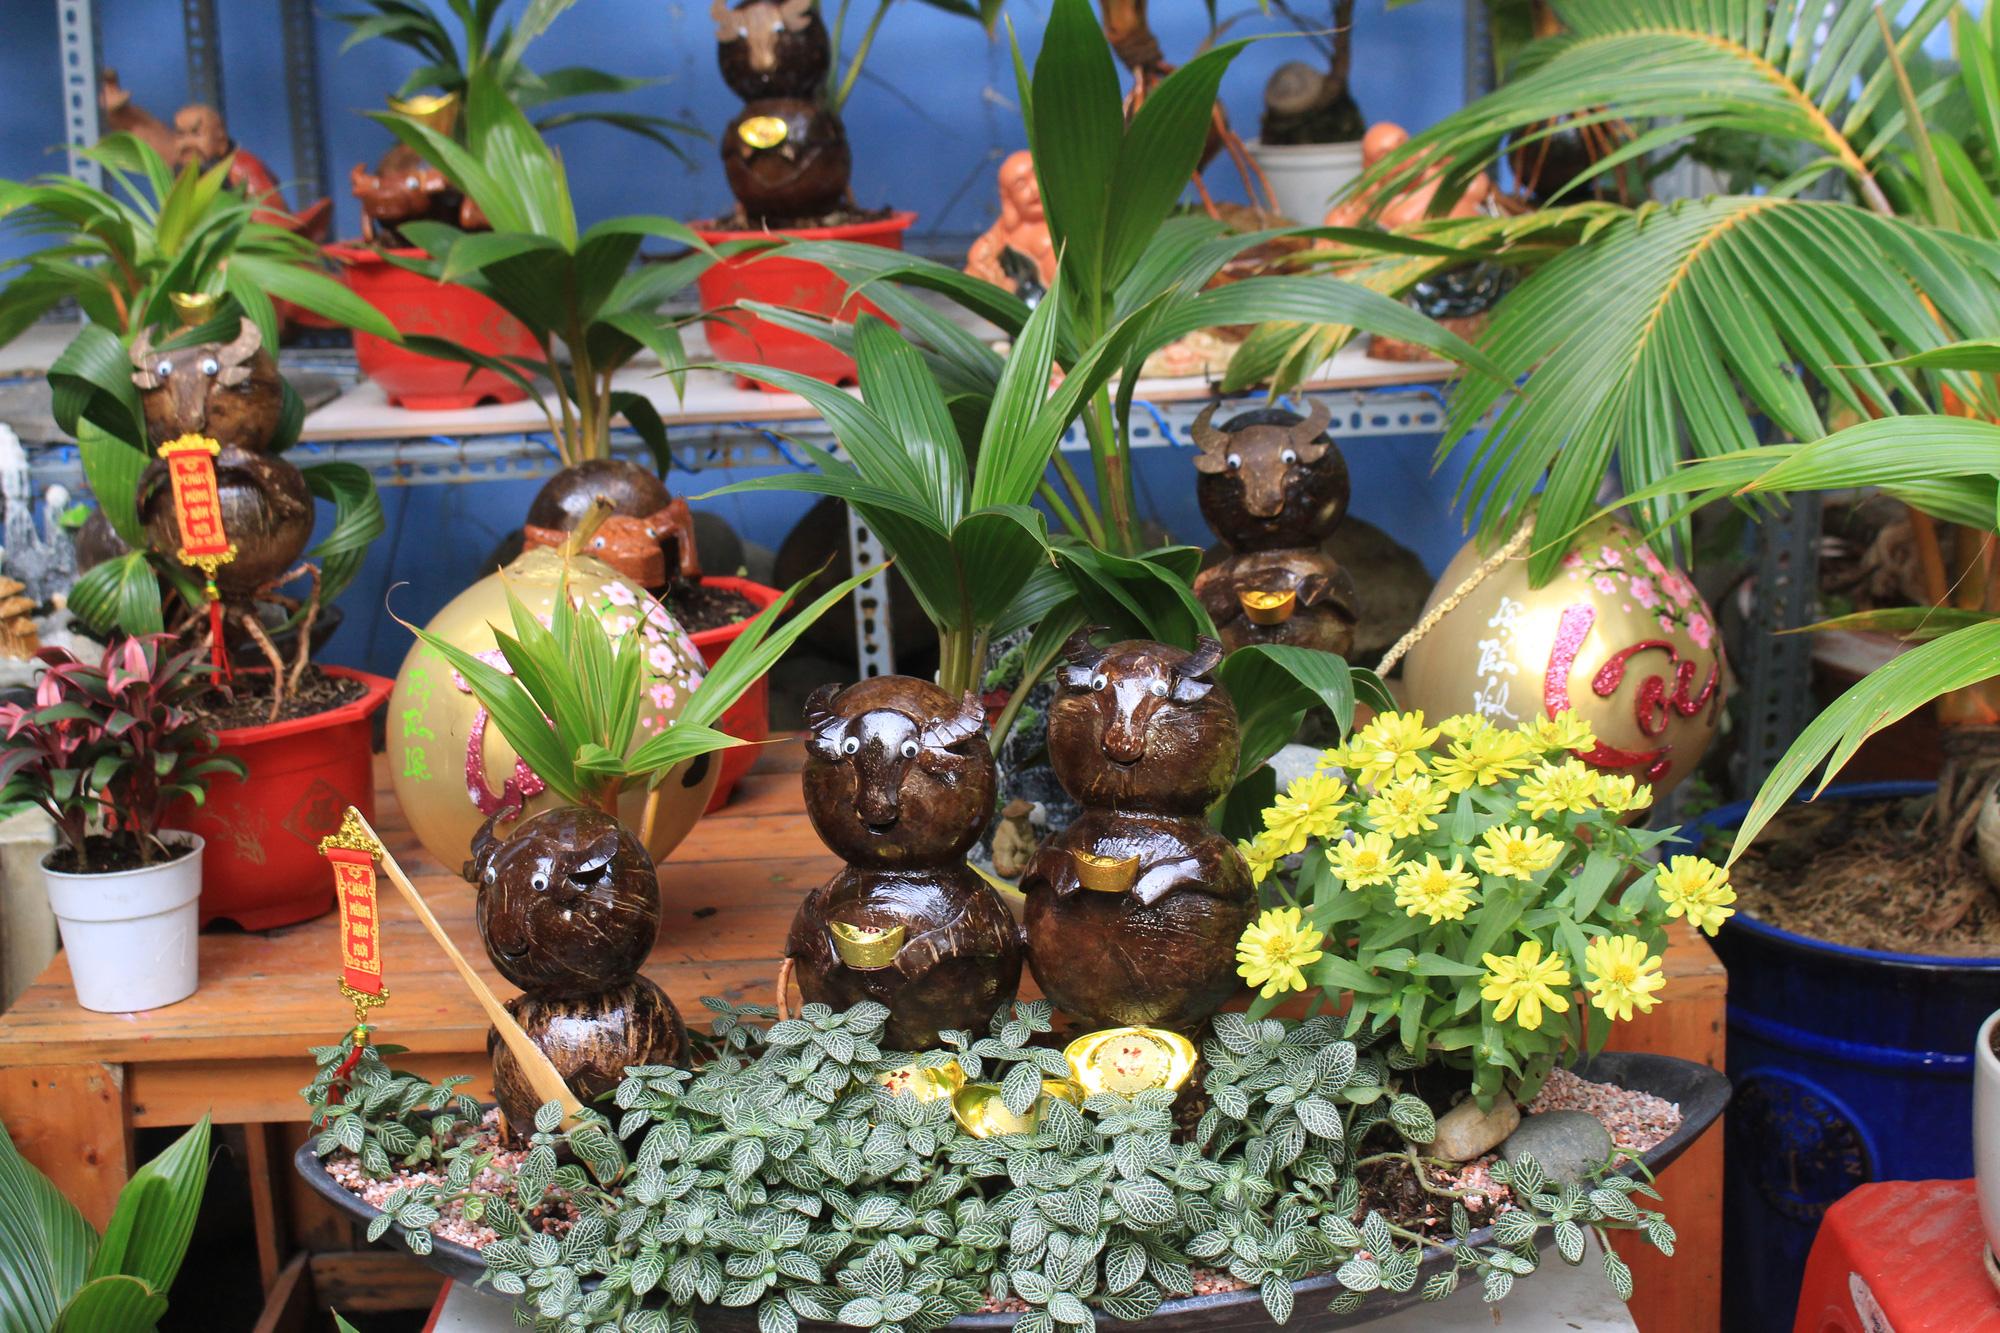 Độc đáo dừa khô bonsai hình trâu chơi Tết tiền triệu ở Sài Gòn - Ảnh 12.